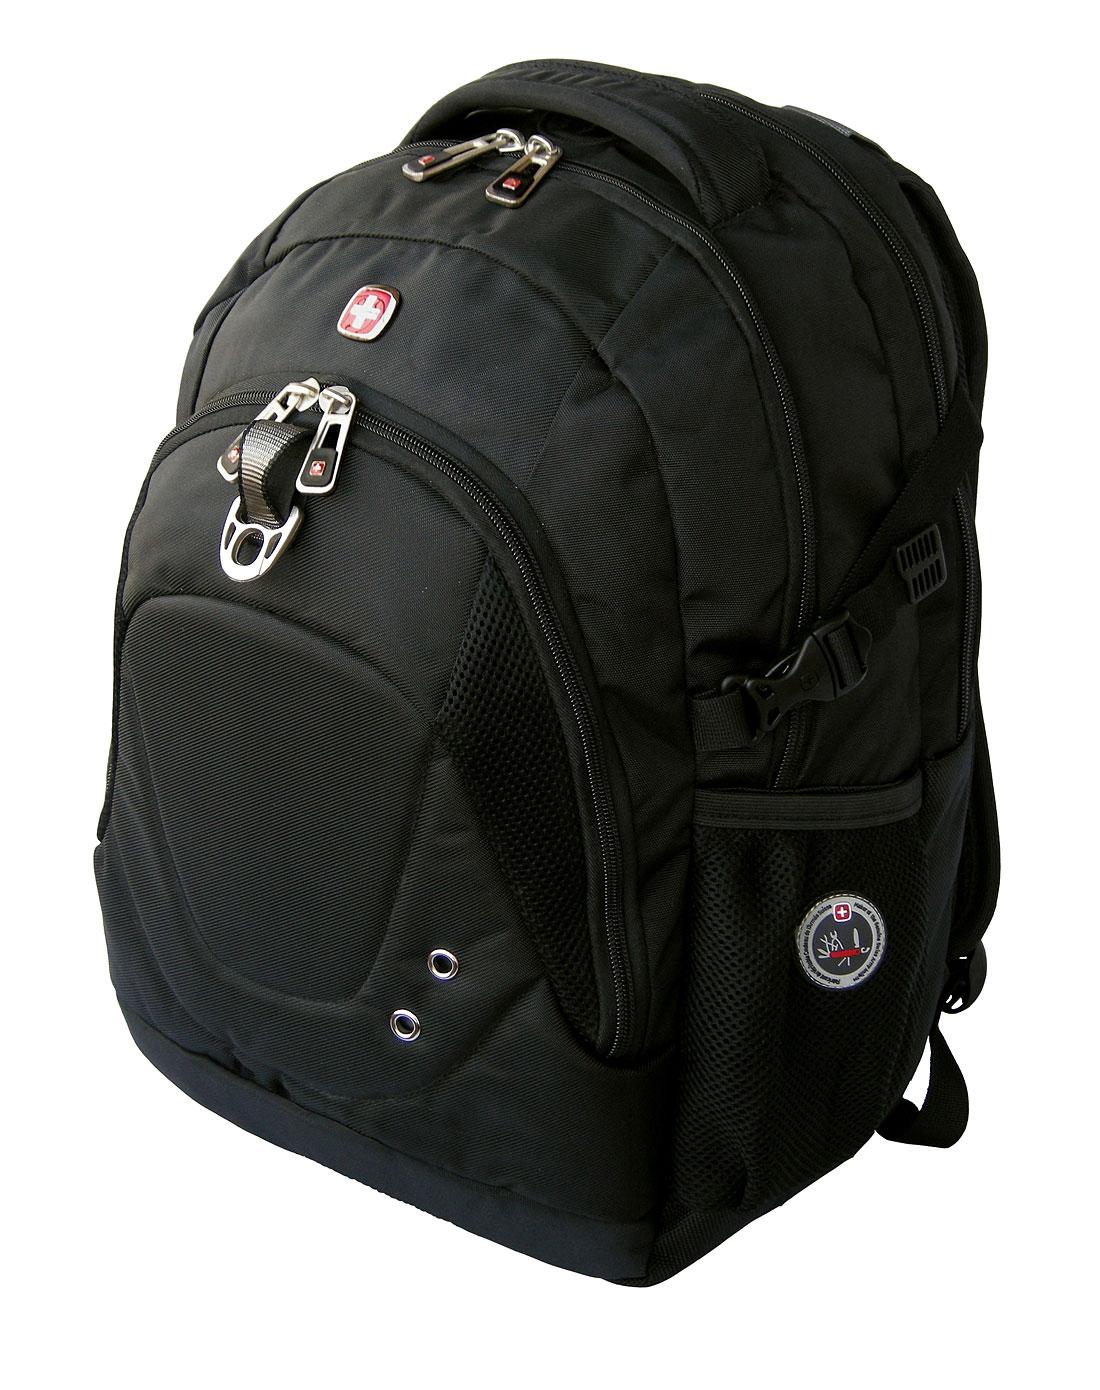 双肩电脑背包sw9323bk